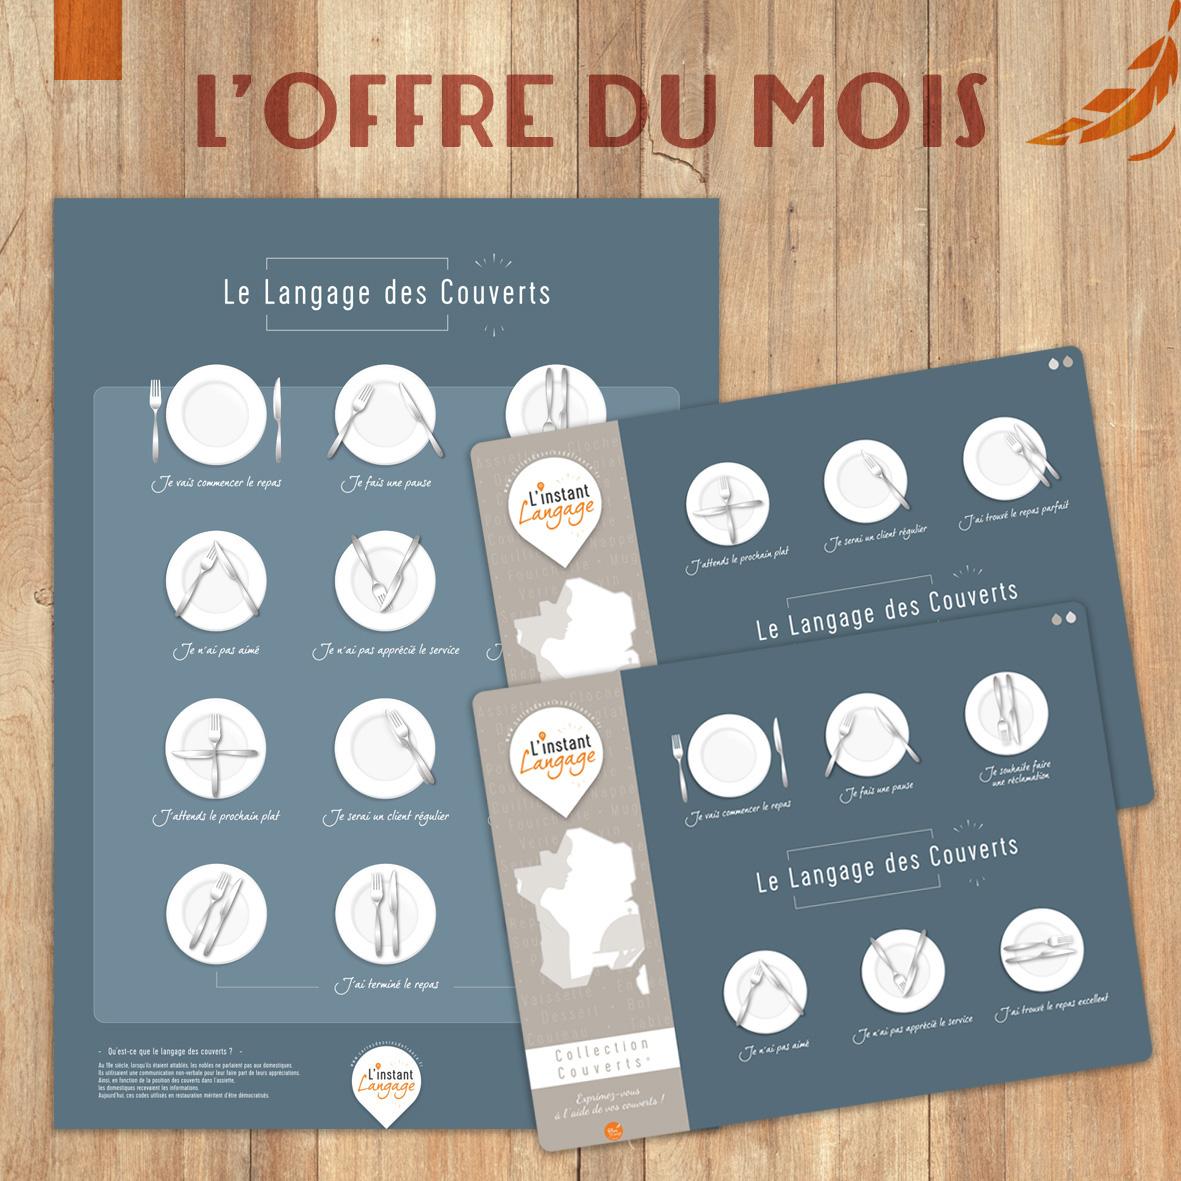 Offre du Mois Le Langage des Couverts : 1 affiche 50x70 + 2 sets de table